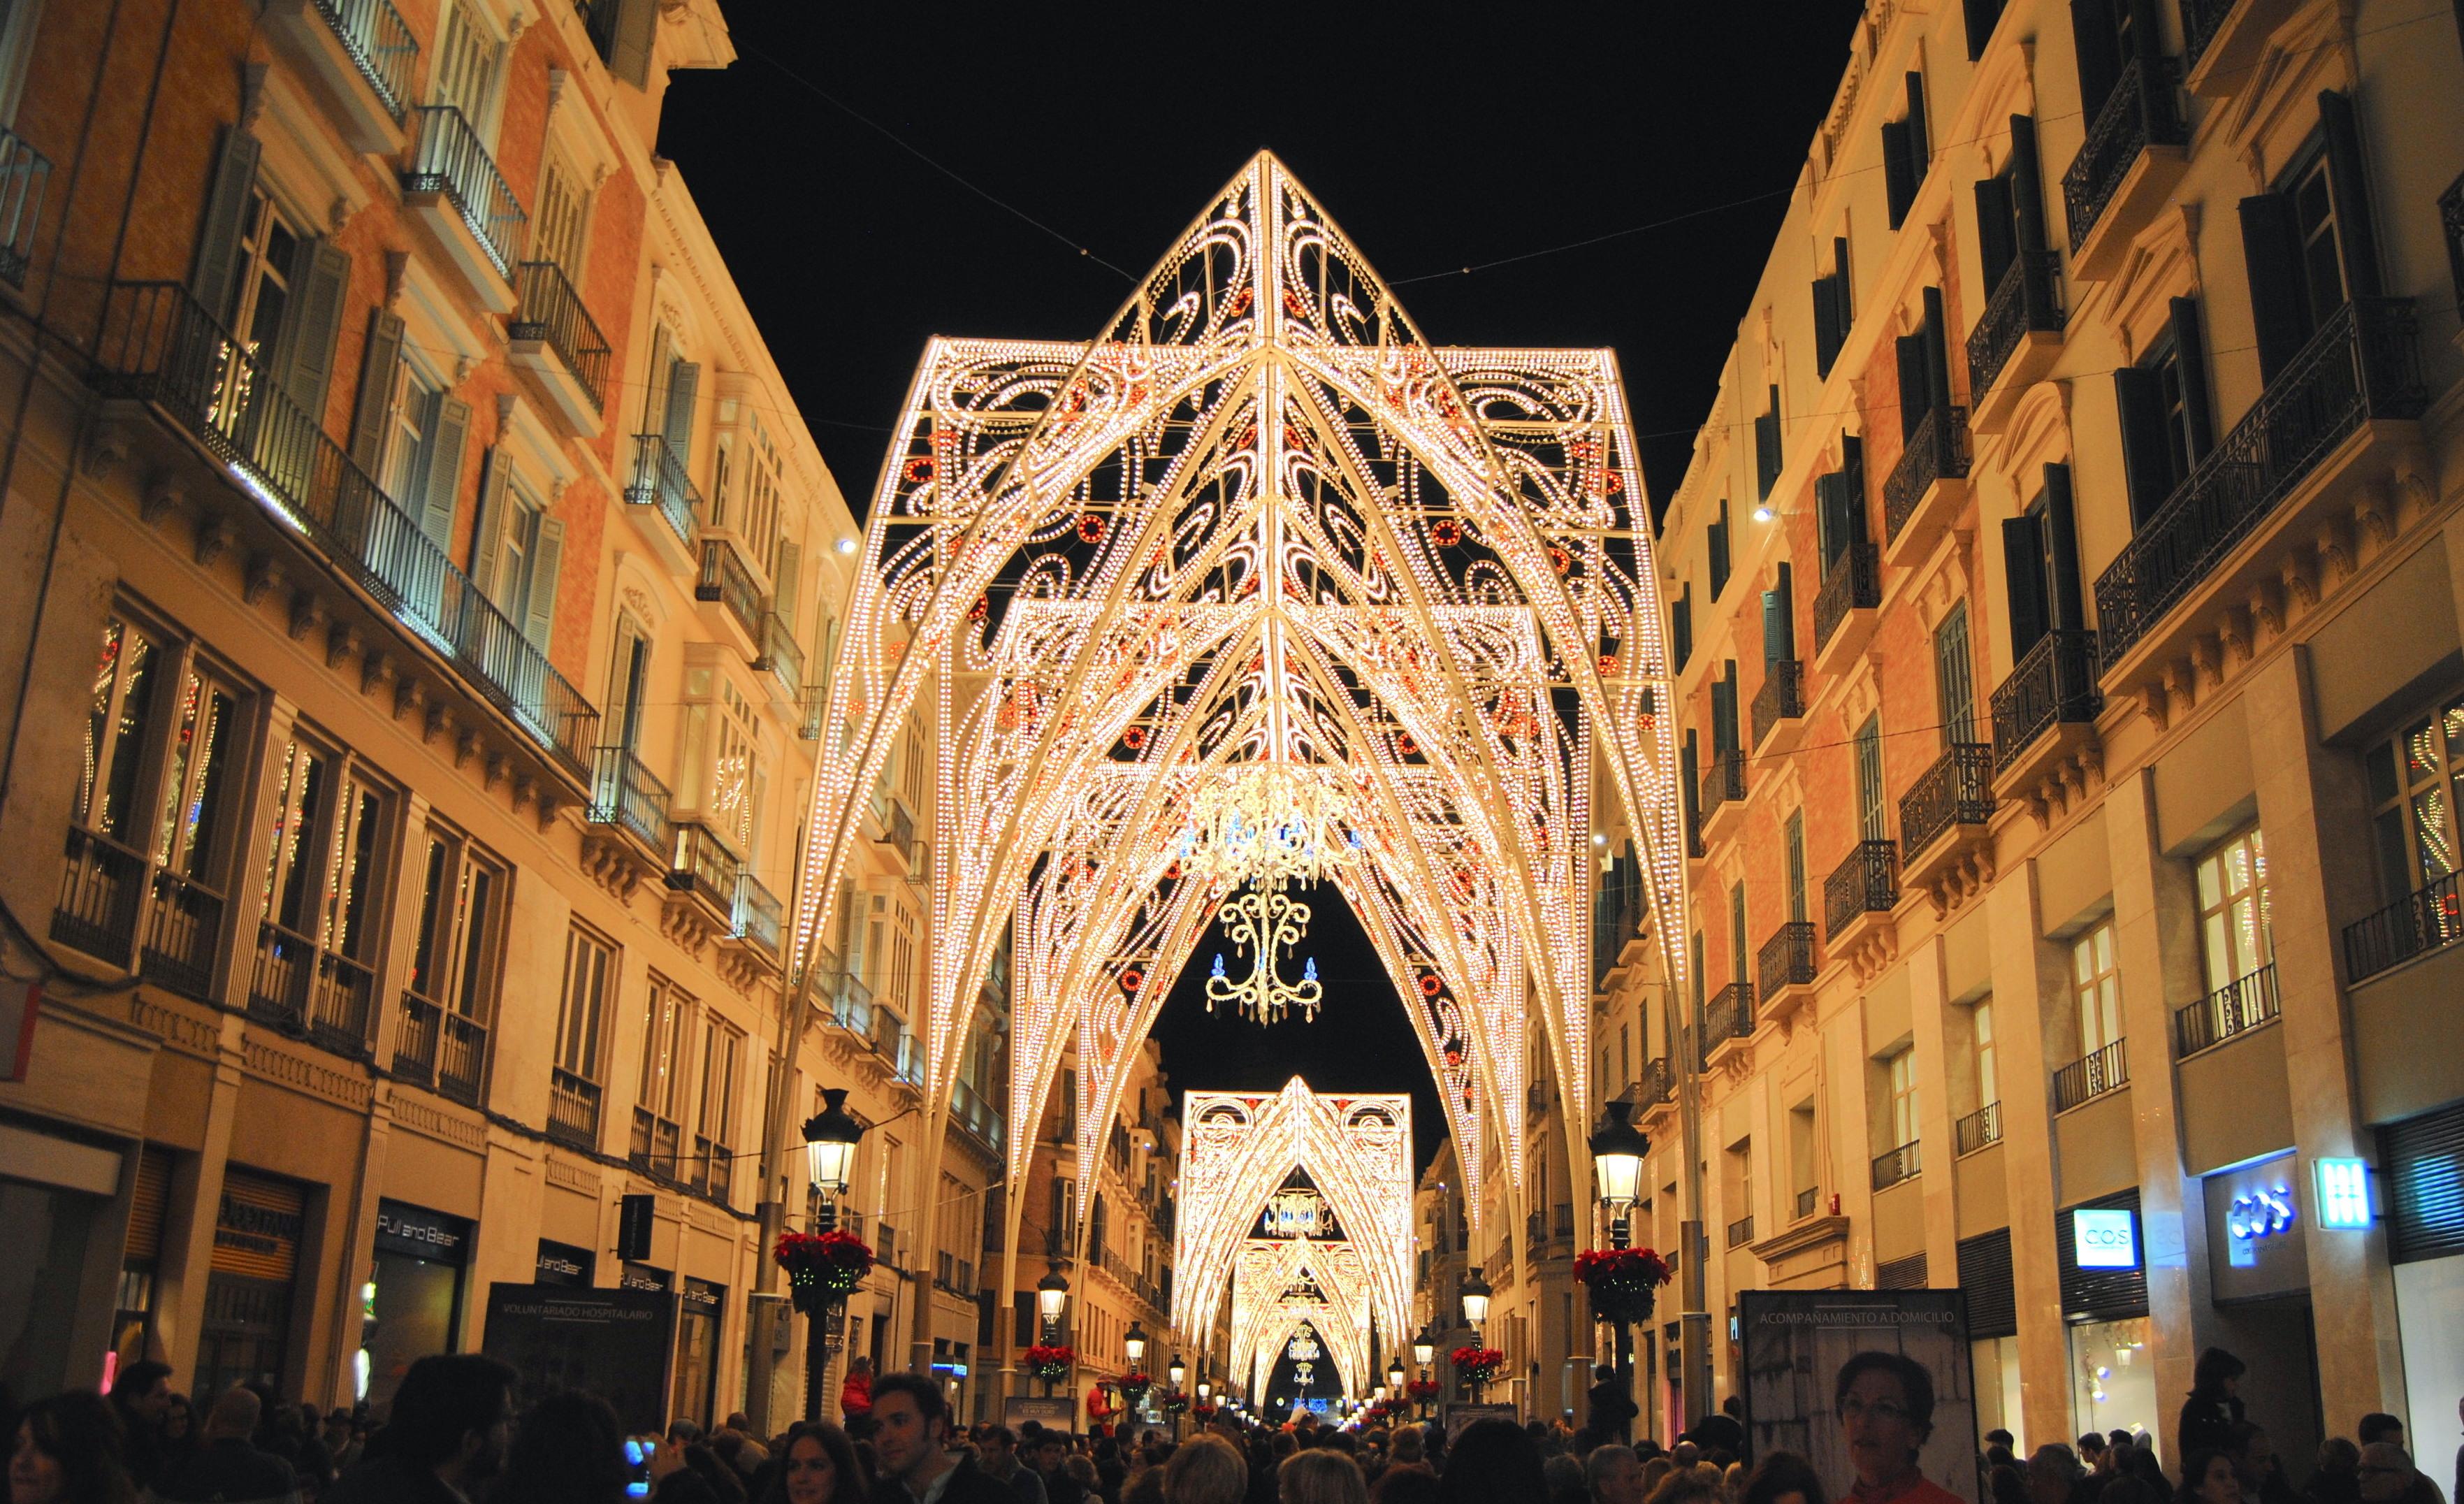 Navidad En M U00e1laga  Una Ciudad De Encanto